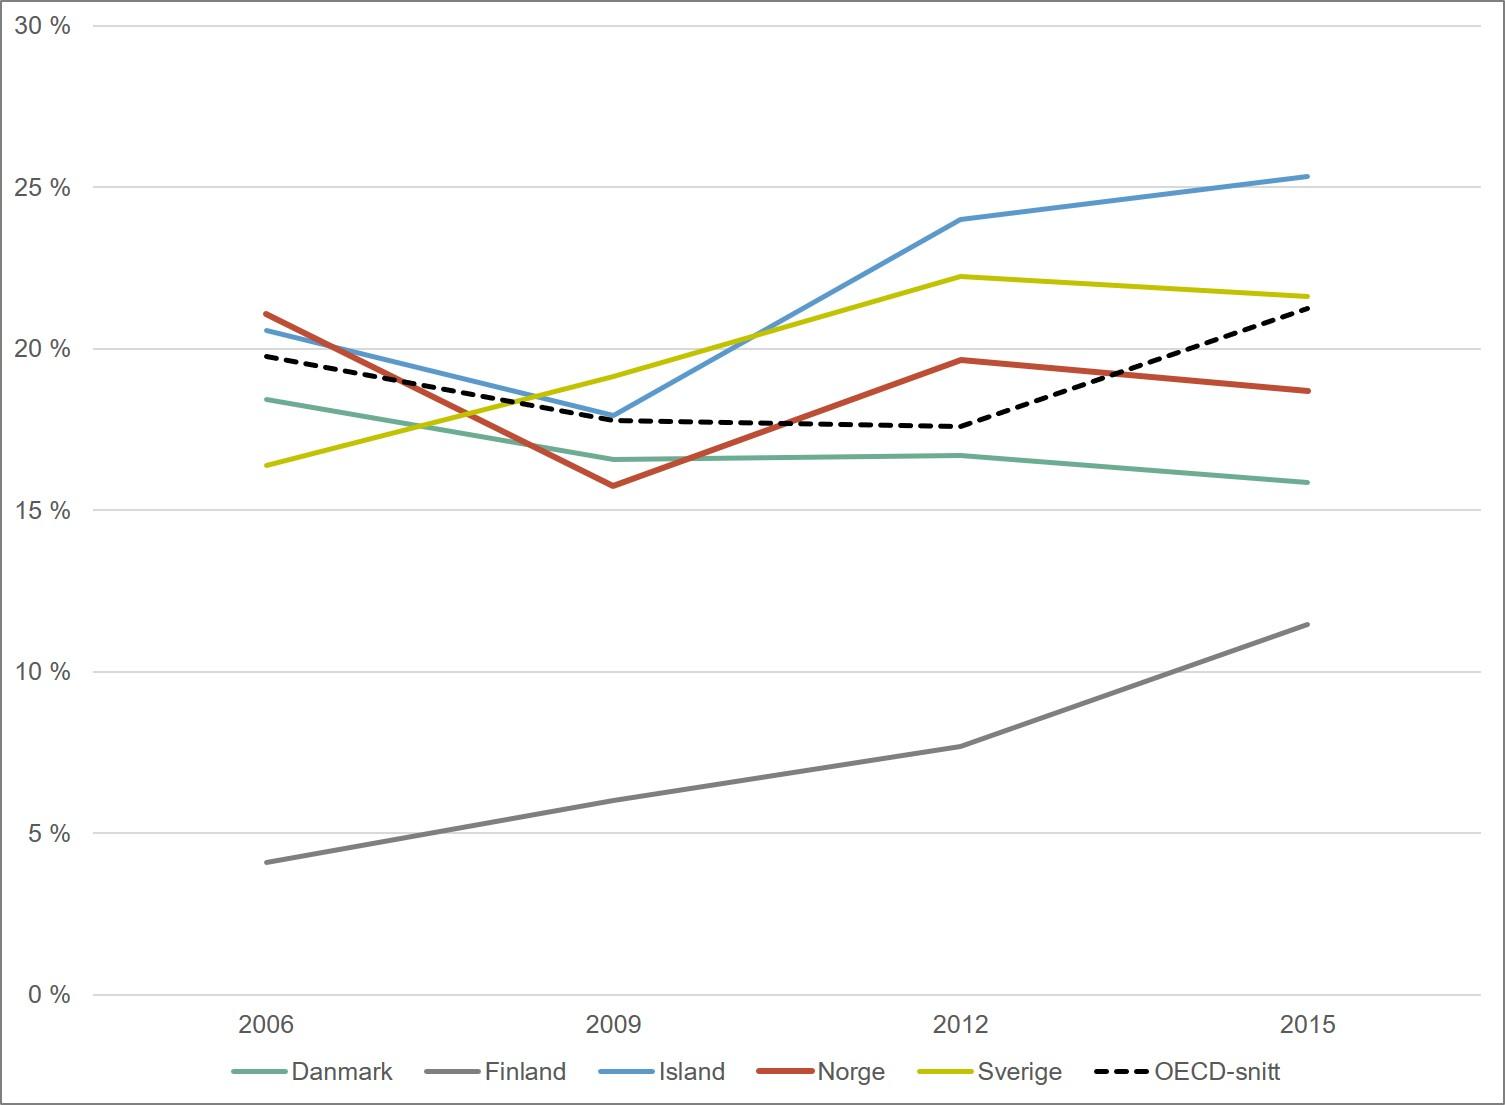 Andel elever som skårer lavere enn nivå 2 på PISA-testen i naturfag. Norden og OECD. 2006-2015. Merknad: OECD har blitt utvidet i perioden 2009-2015, slik at OECD-snittet ikke er helt sammenliknbart over denne perioden.